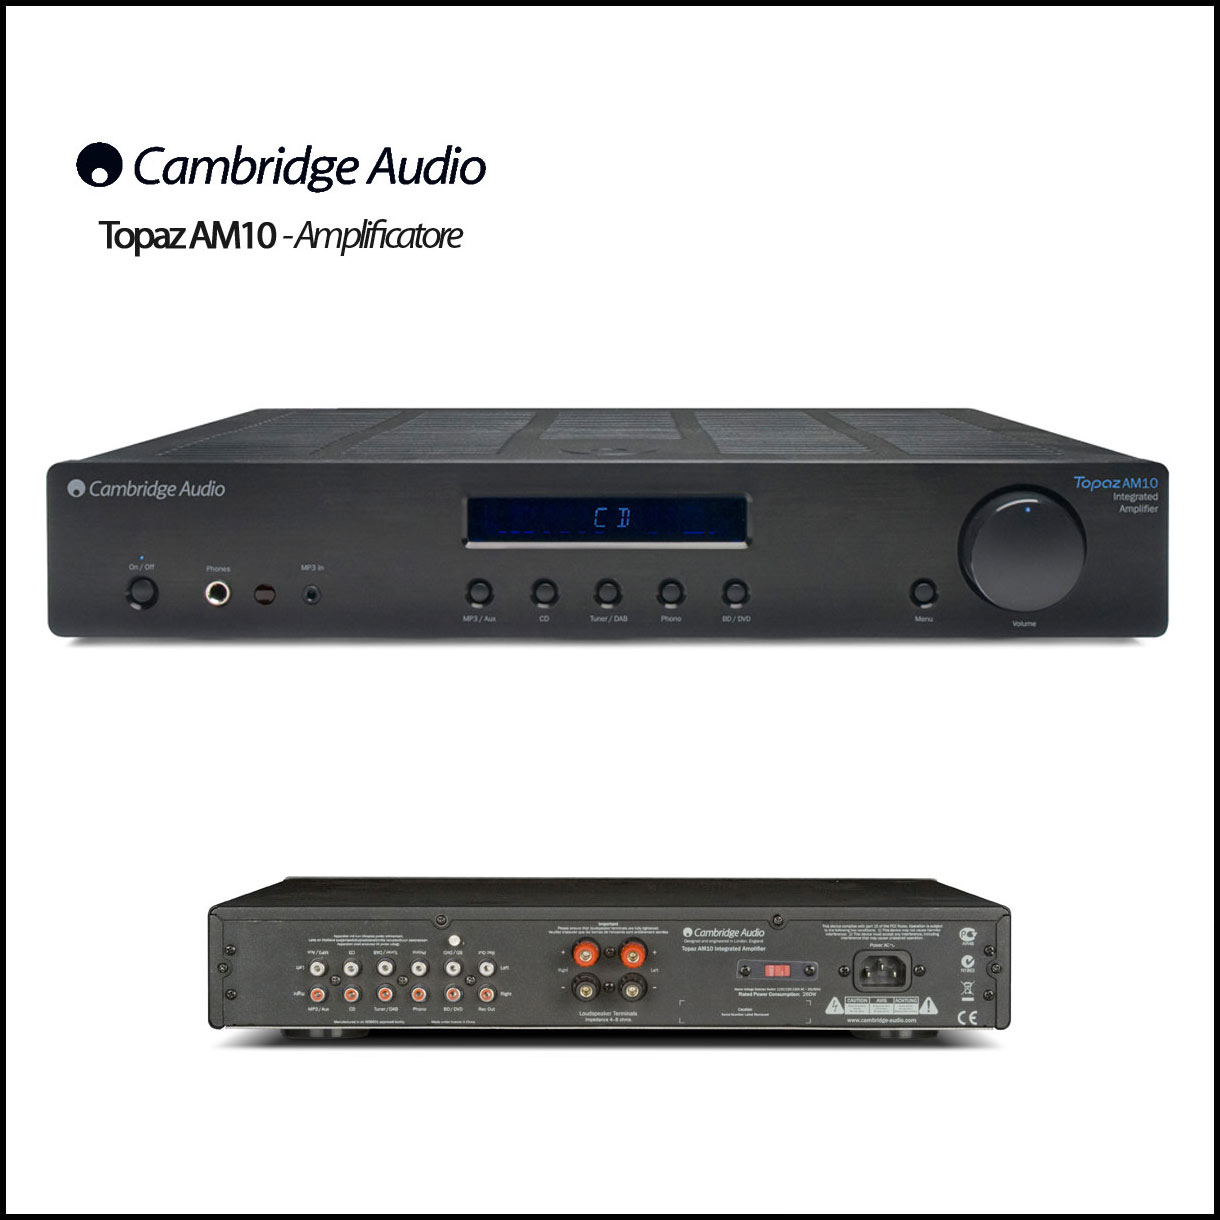 cambrige topaz AM10 amplificatore